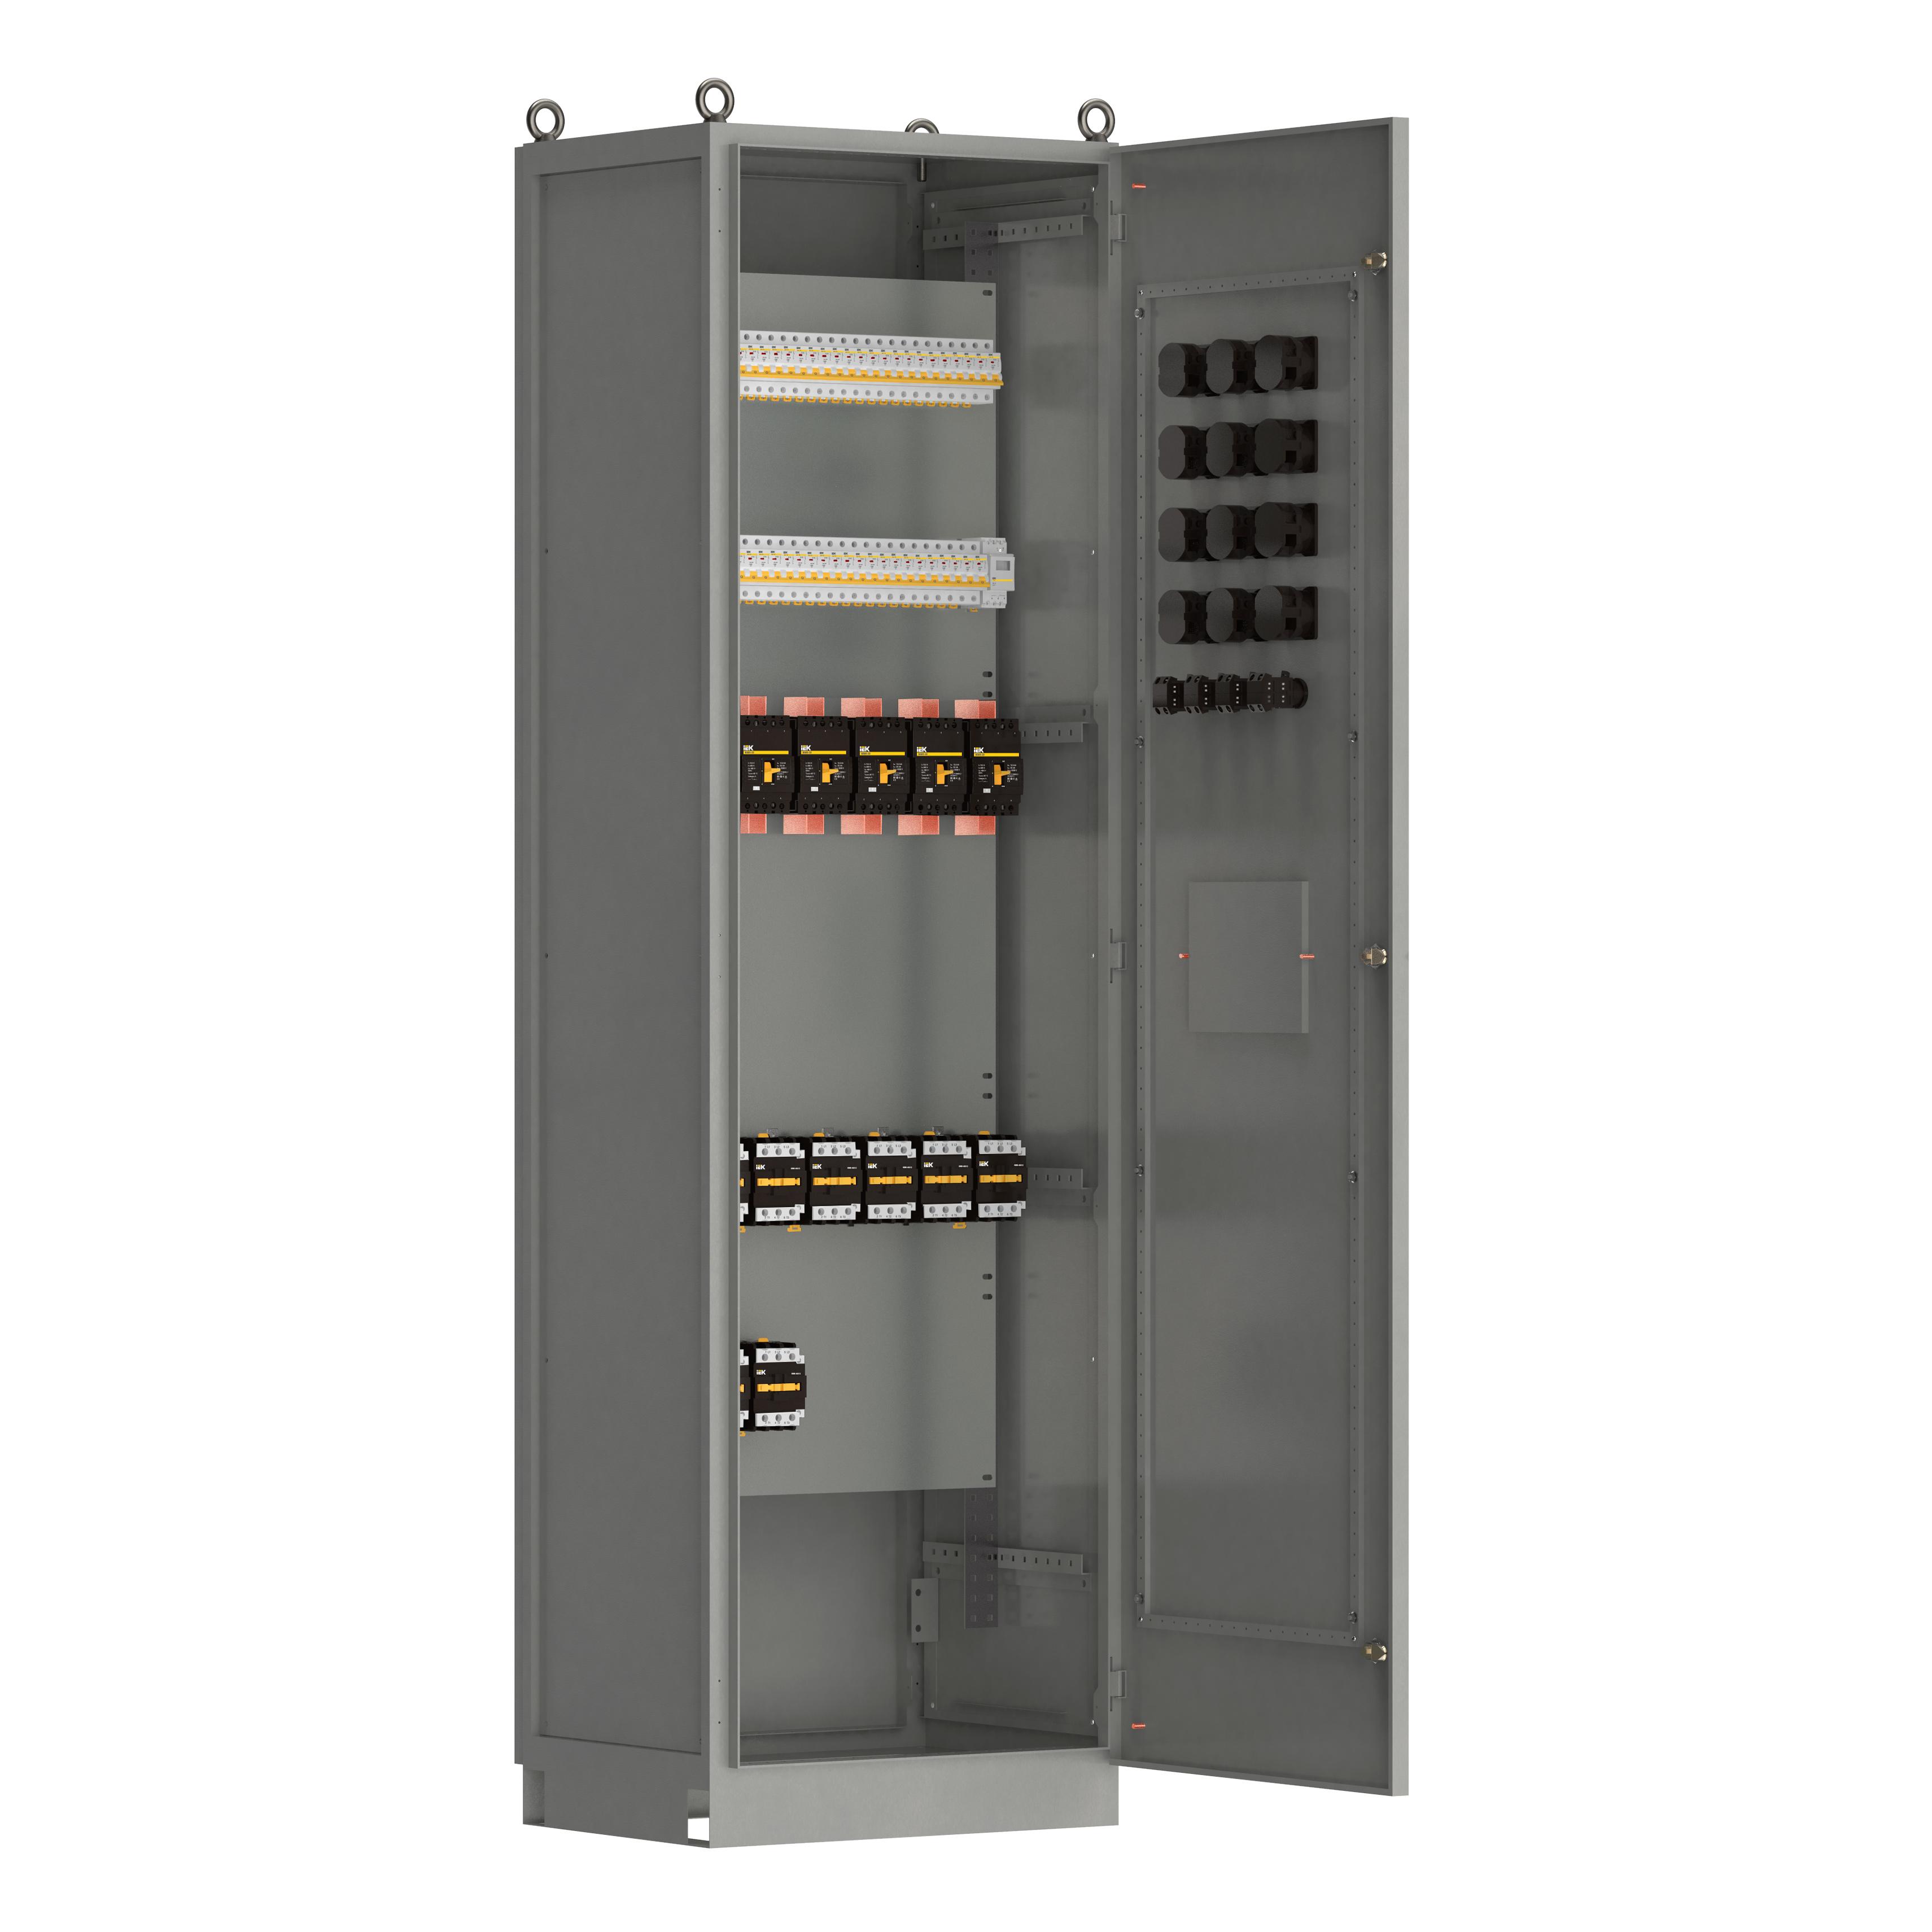 Панель распределительная ВРУ-8503 2Р-101-30 рубильник 1х250А выключатели автоматические 1Р 60х63А контакторы 10х65А IEK